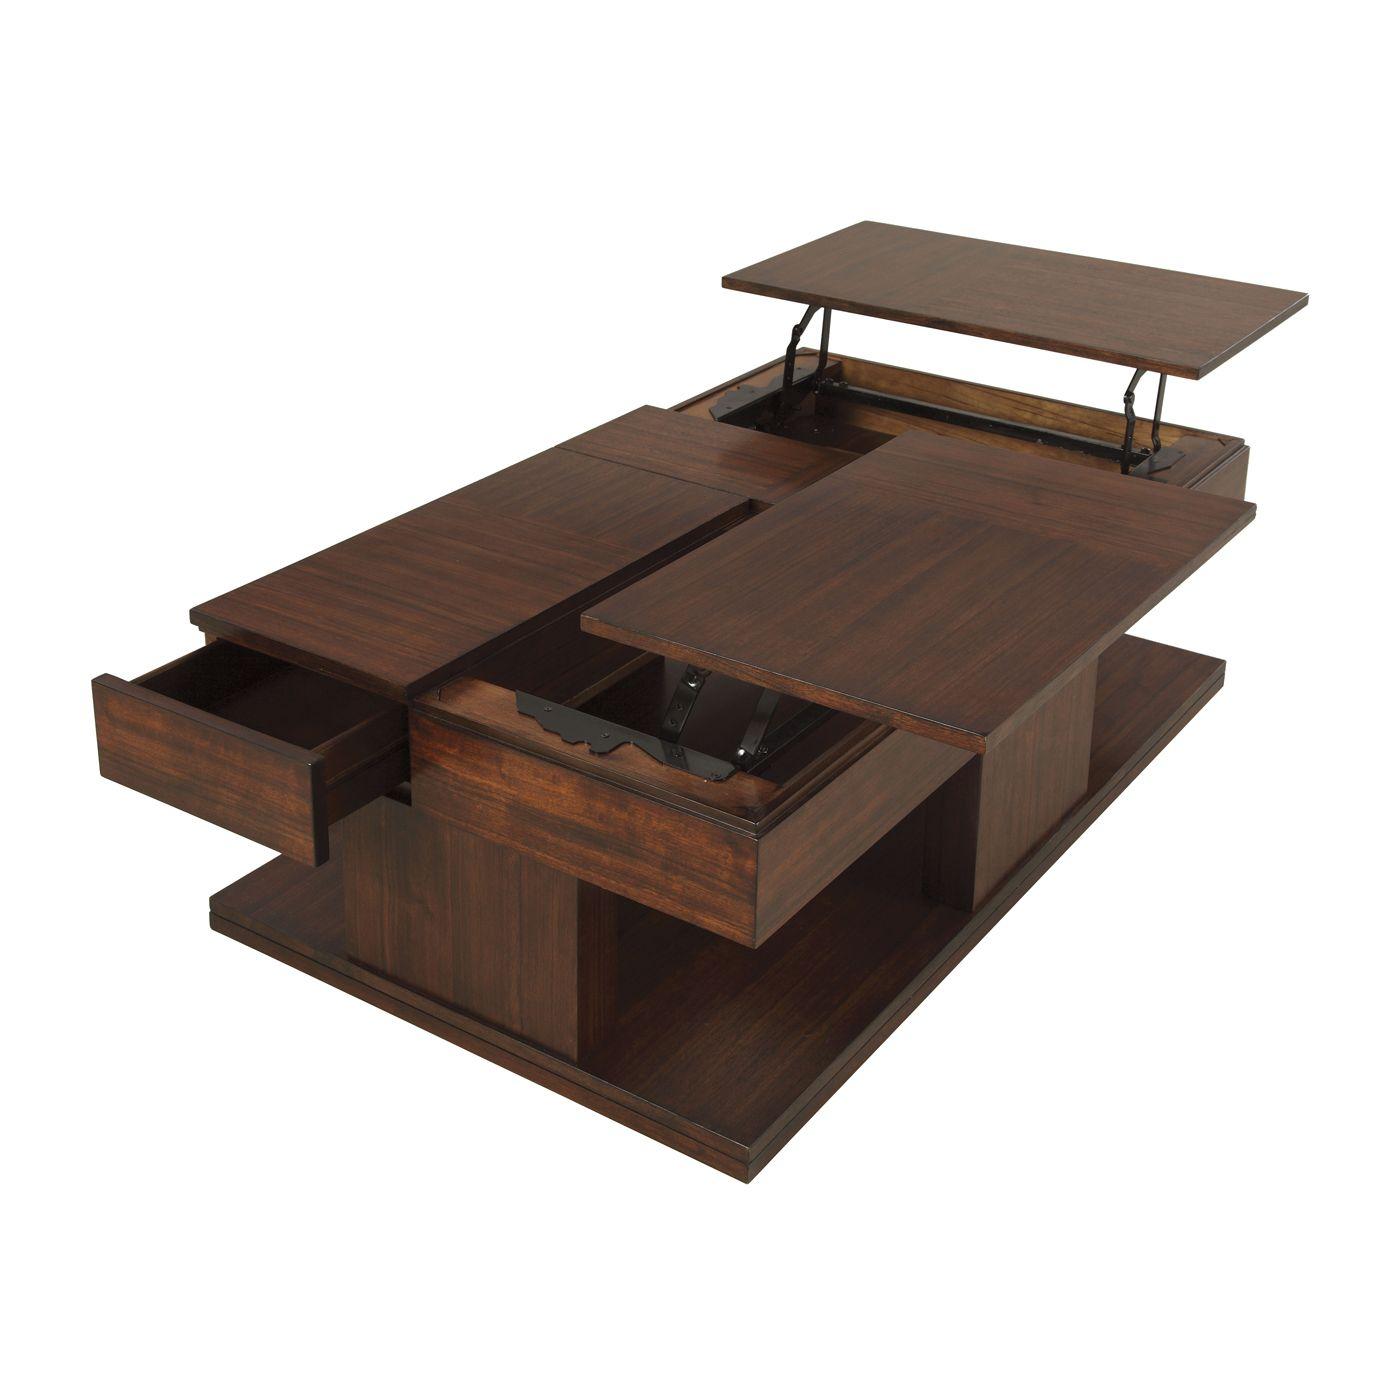 progressive furniture p561-25 le mans double lift-top cocktail